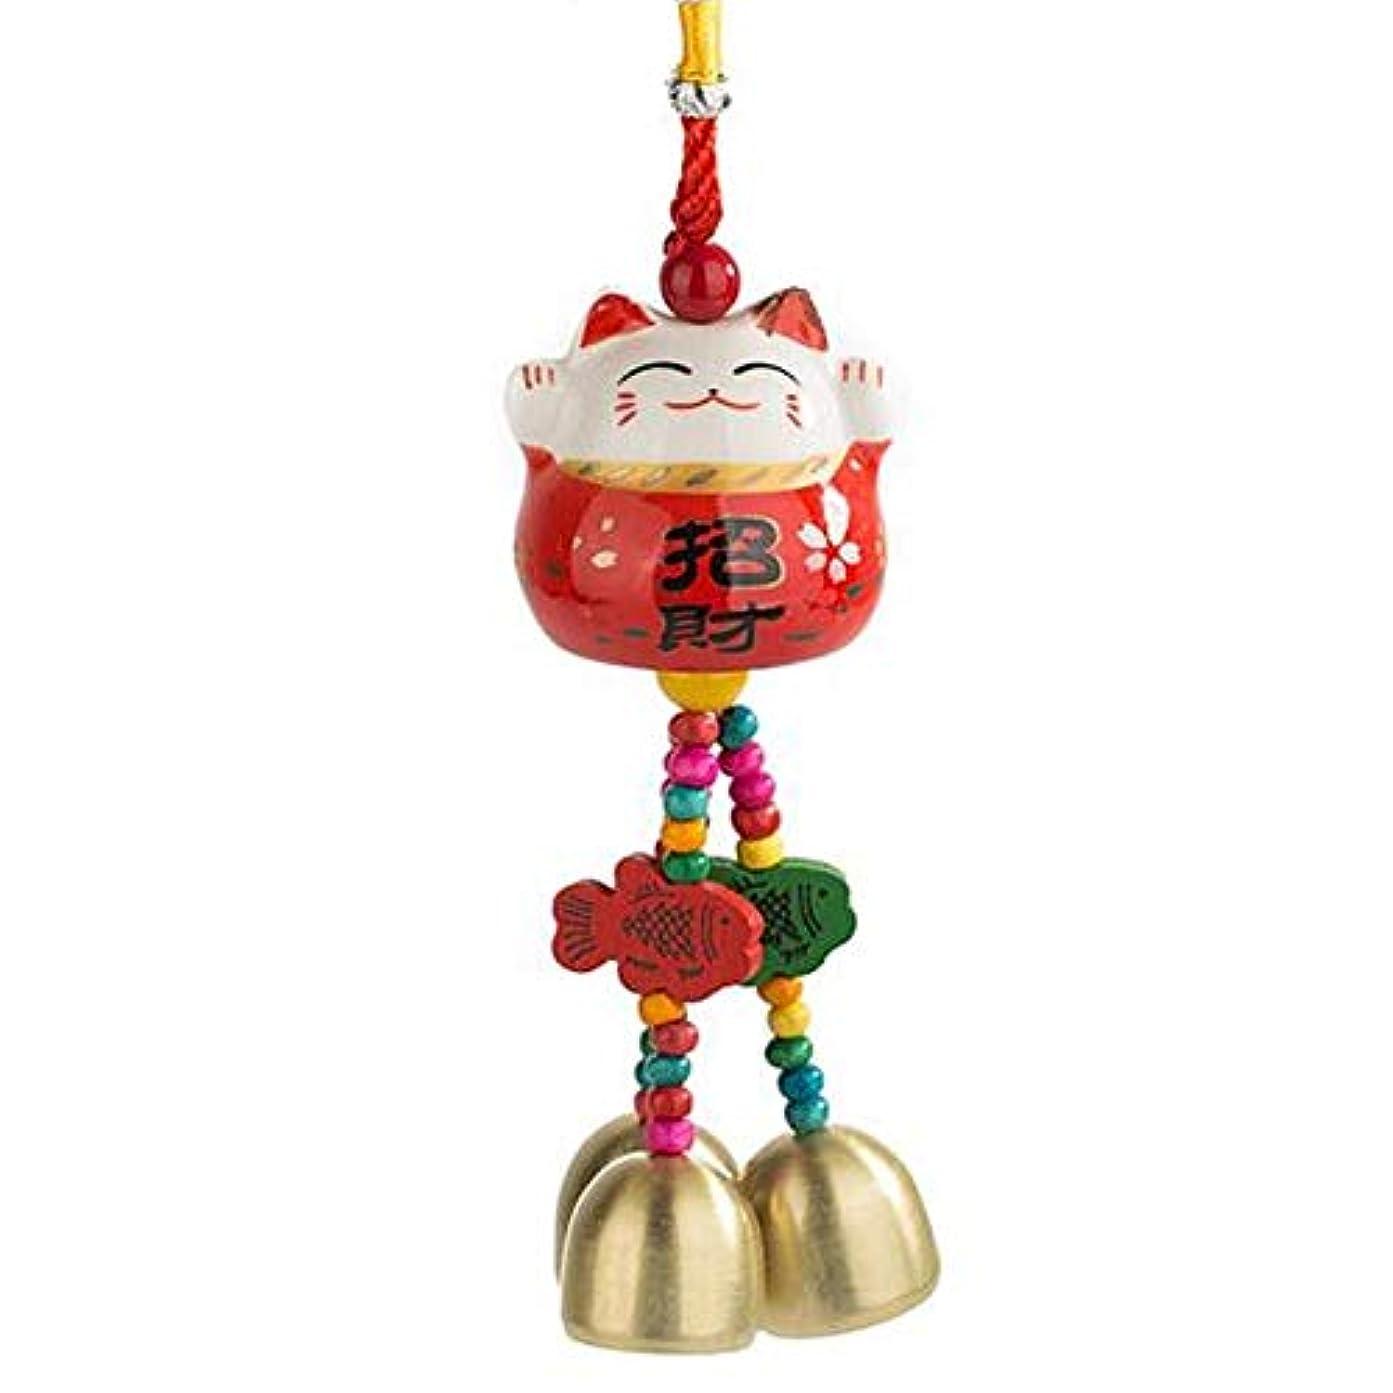 ストラップ一節作成者Hongyushanghang 風チャイム、かわいいクリエイティブセラミック猫風の鐘、赤、長い28センチメートル,、ジュエリークリエイティブホリデーギフトを掛ける (Color : Red)